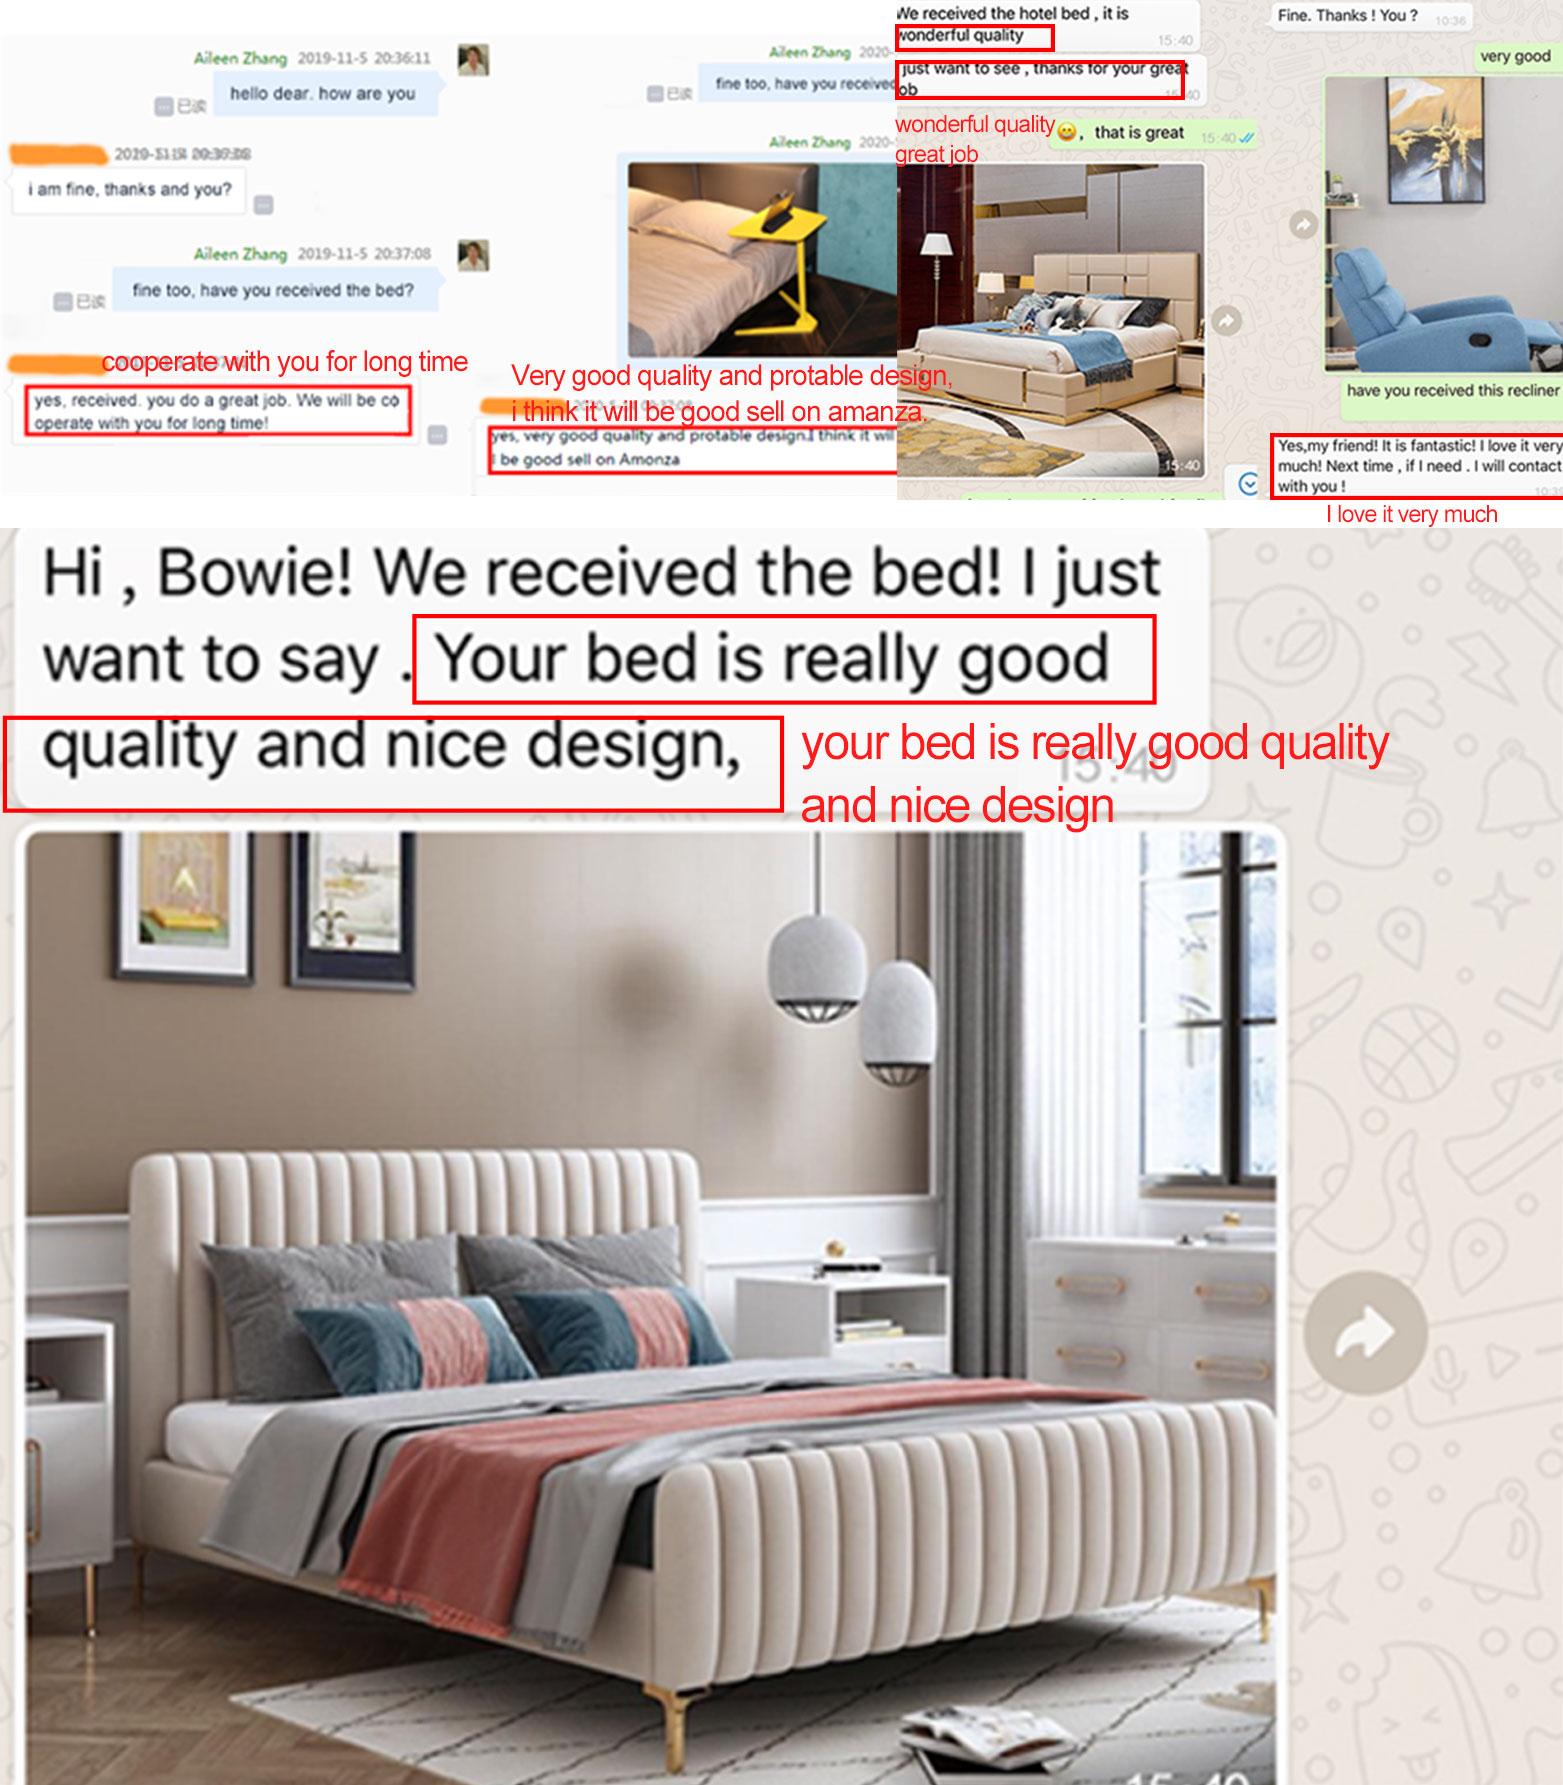 Düşük ayak döşemeli yatak odası mobilyası King size ayarlanabilir ahşap çıtalı otel divan yatak tabanı 190*140